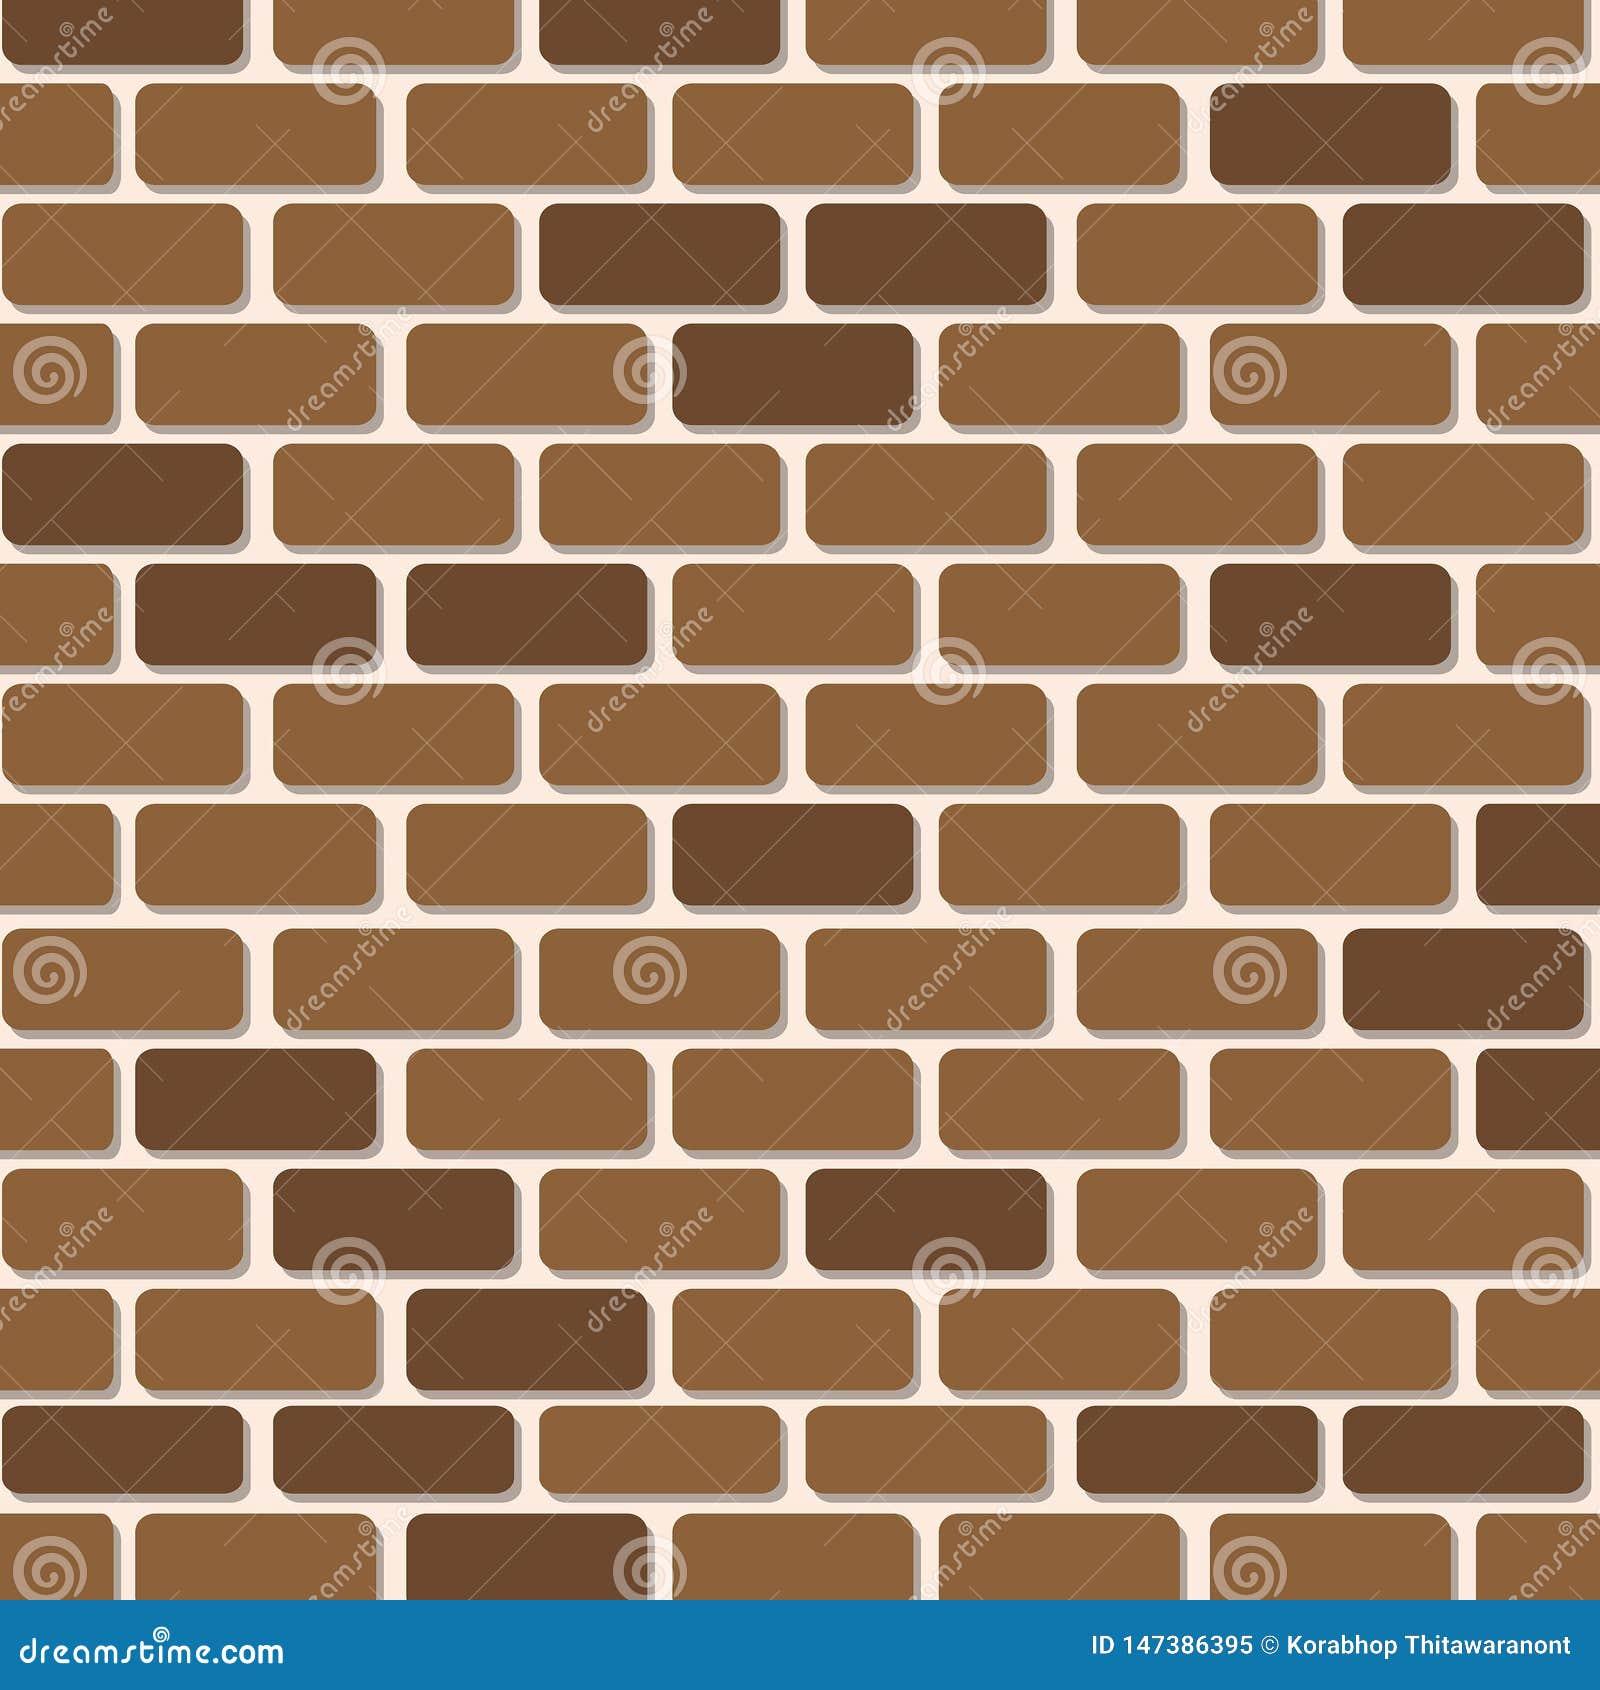 Ilustraciones del papel de la pared de ladrillo para el fondo